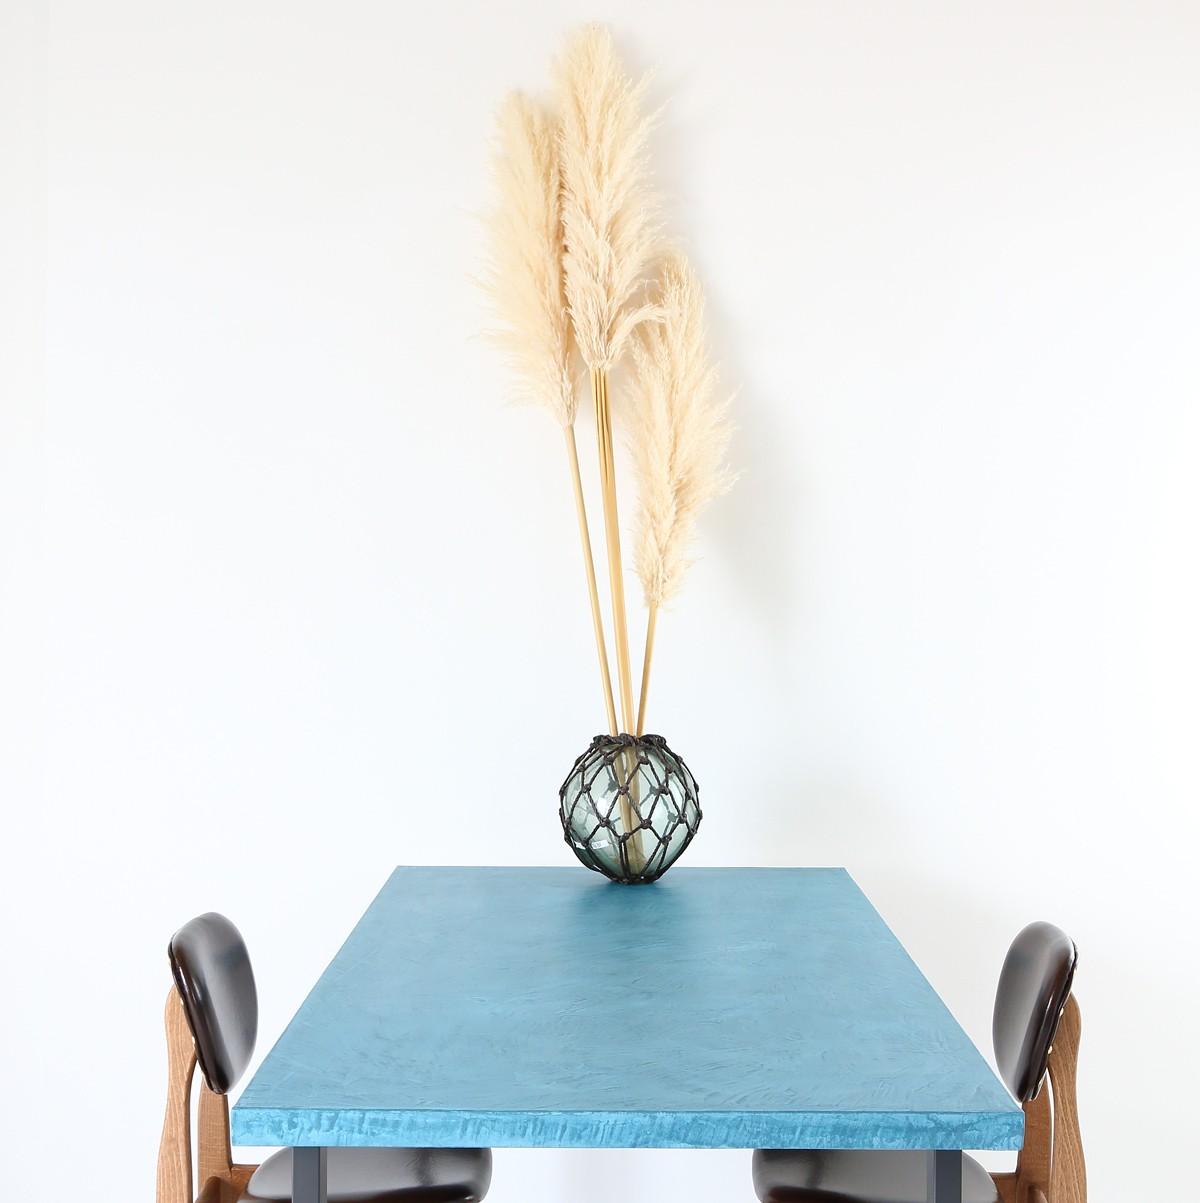 MORTEXのテーブルは左官職人が仕上げる世界で一枚のテーブル